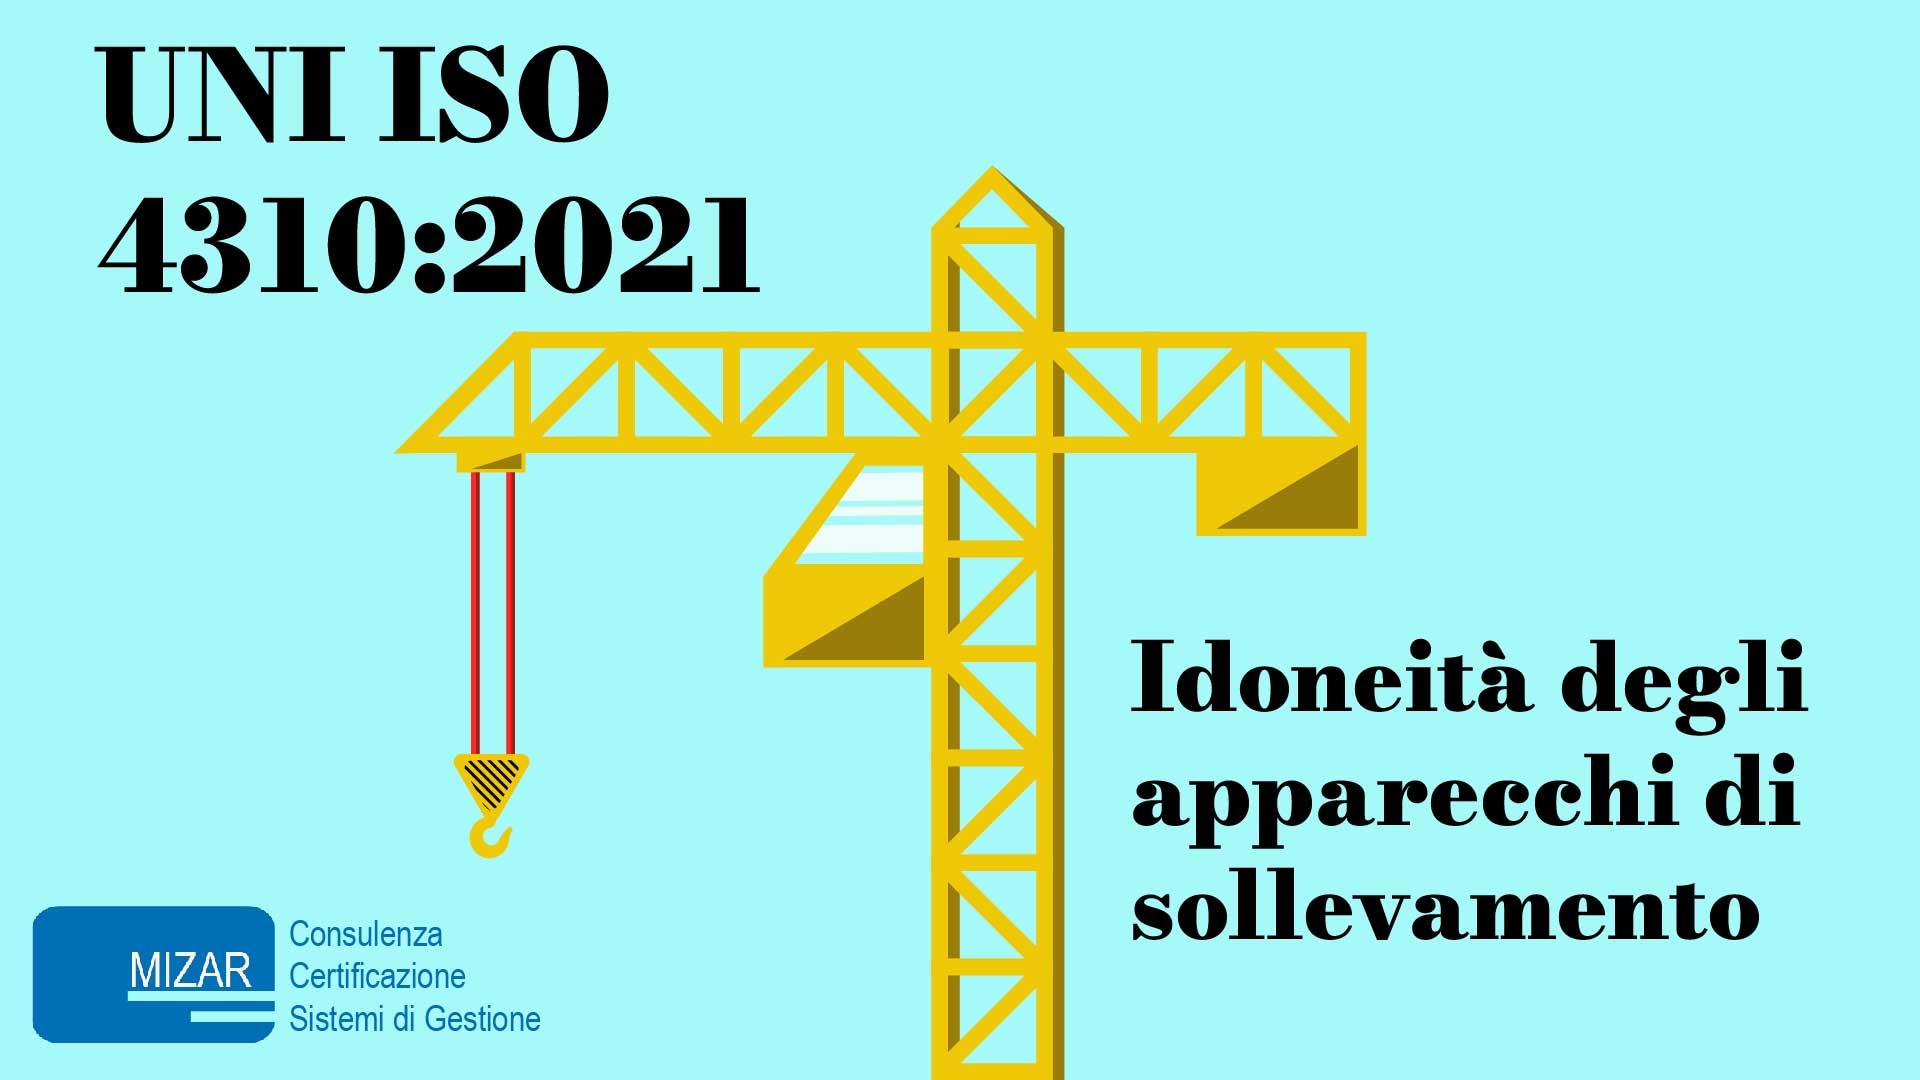 UNI ISO 4310:2021